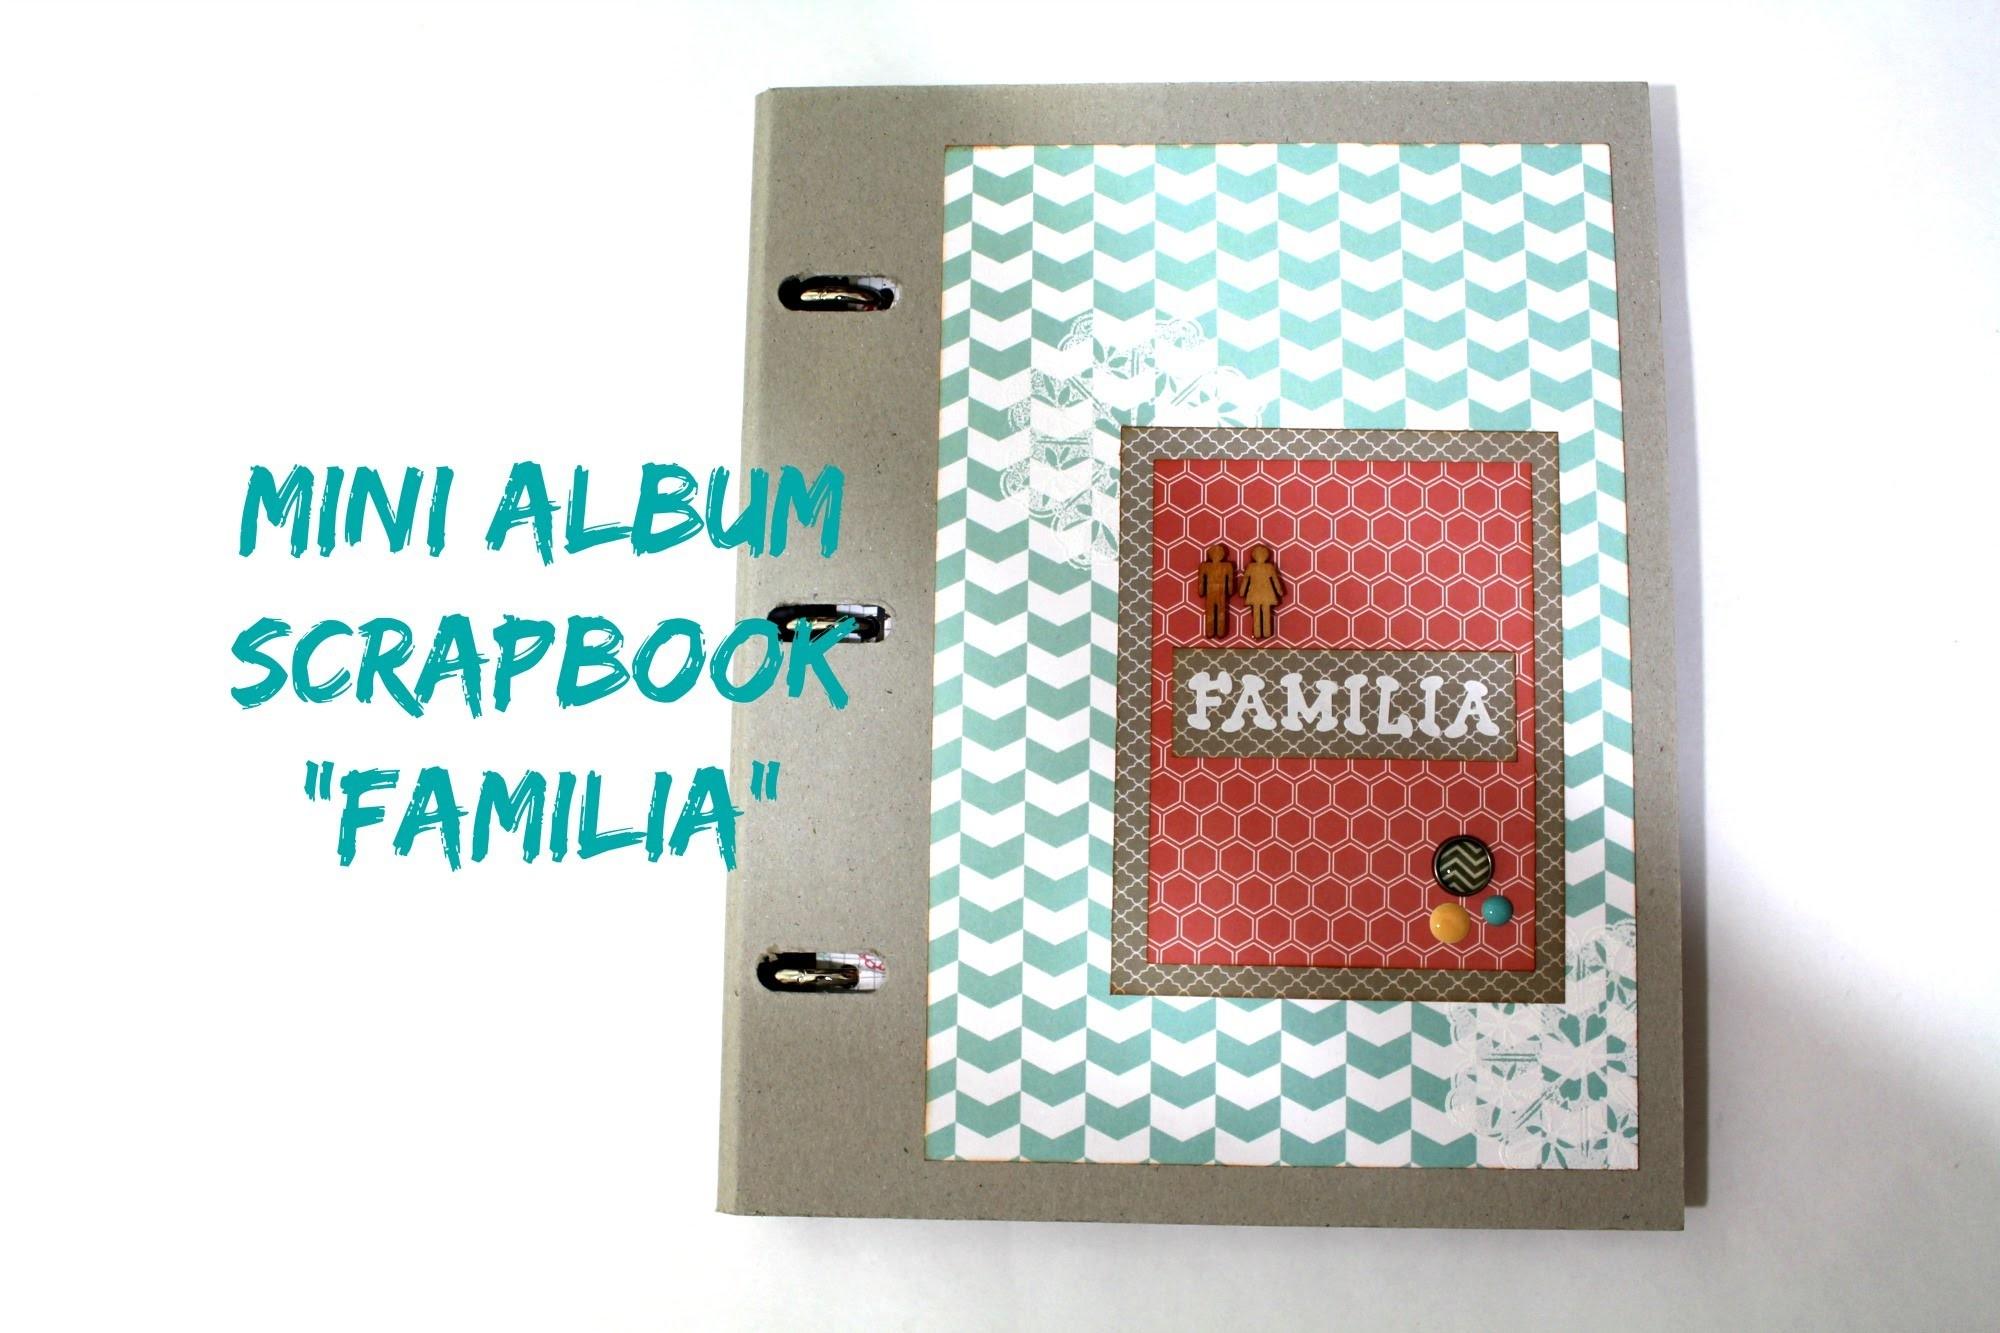 """Mini album scrapbook """"Familia"""" Teresa Collins y Libreta para notas * Creaciones Izzy"""